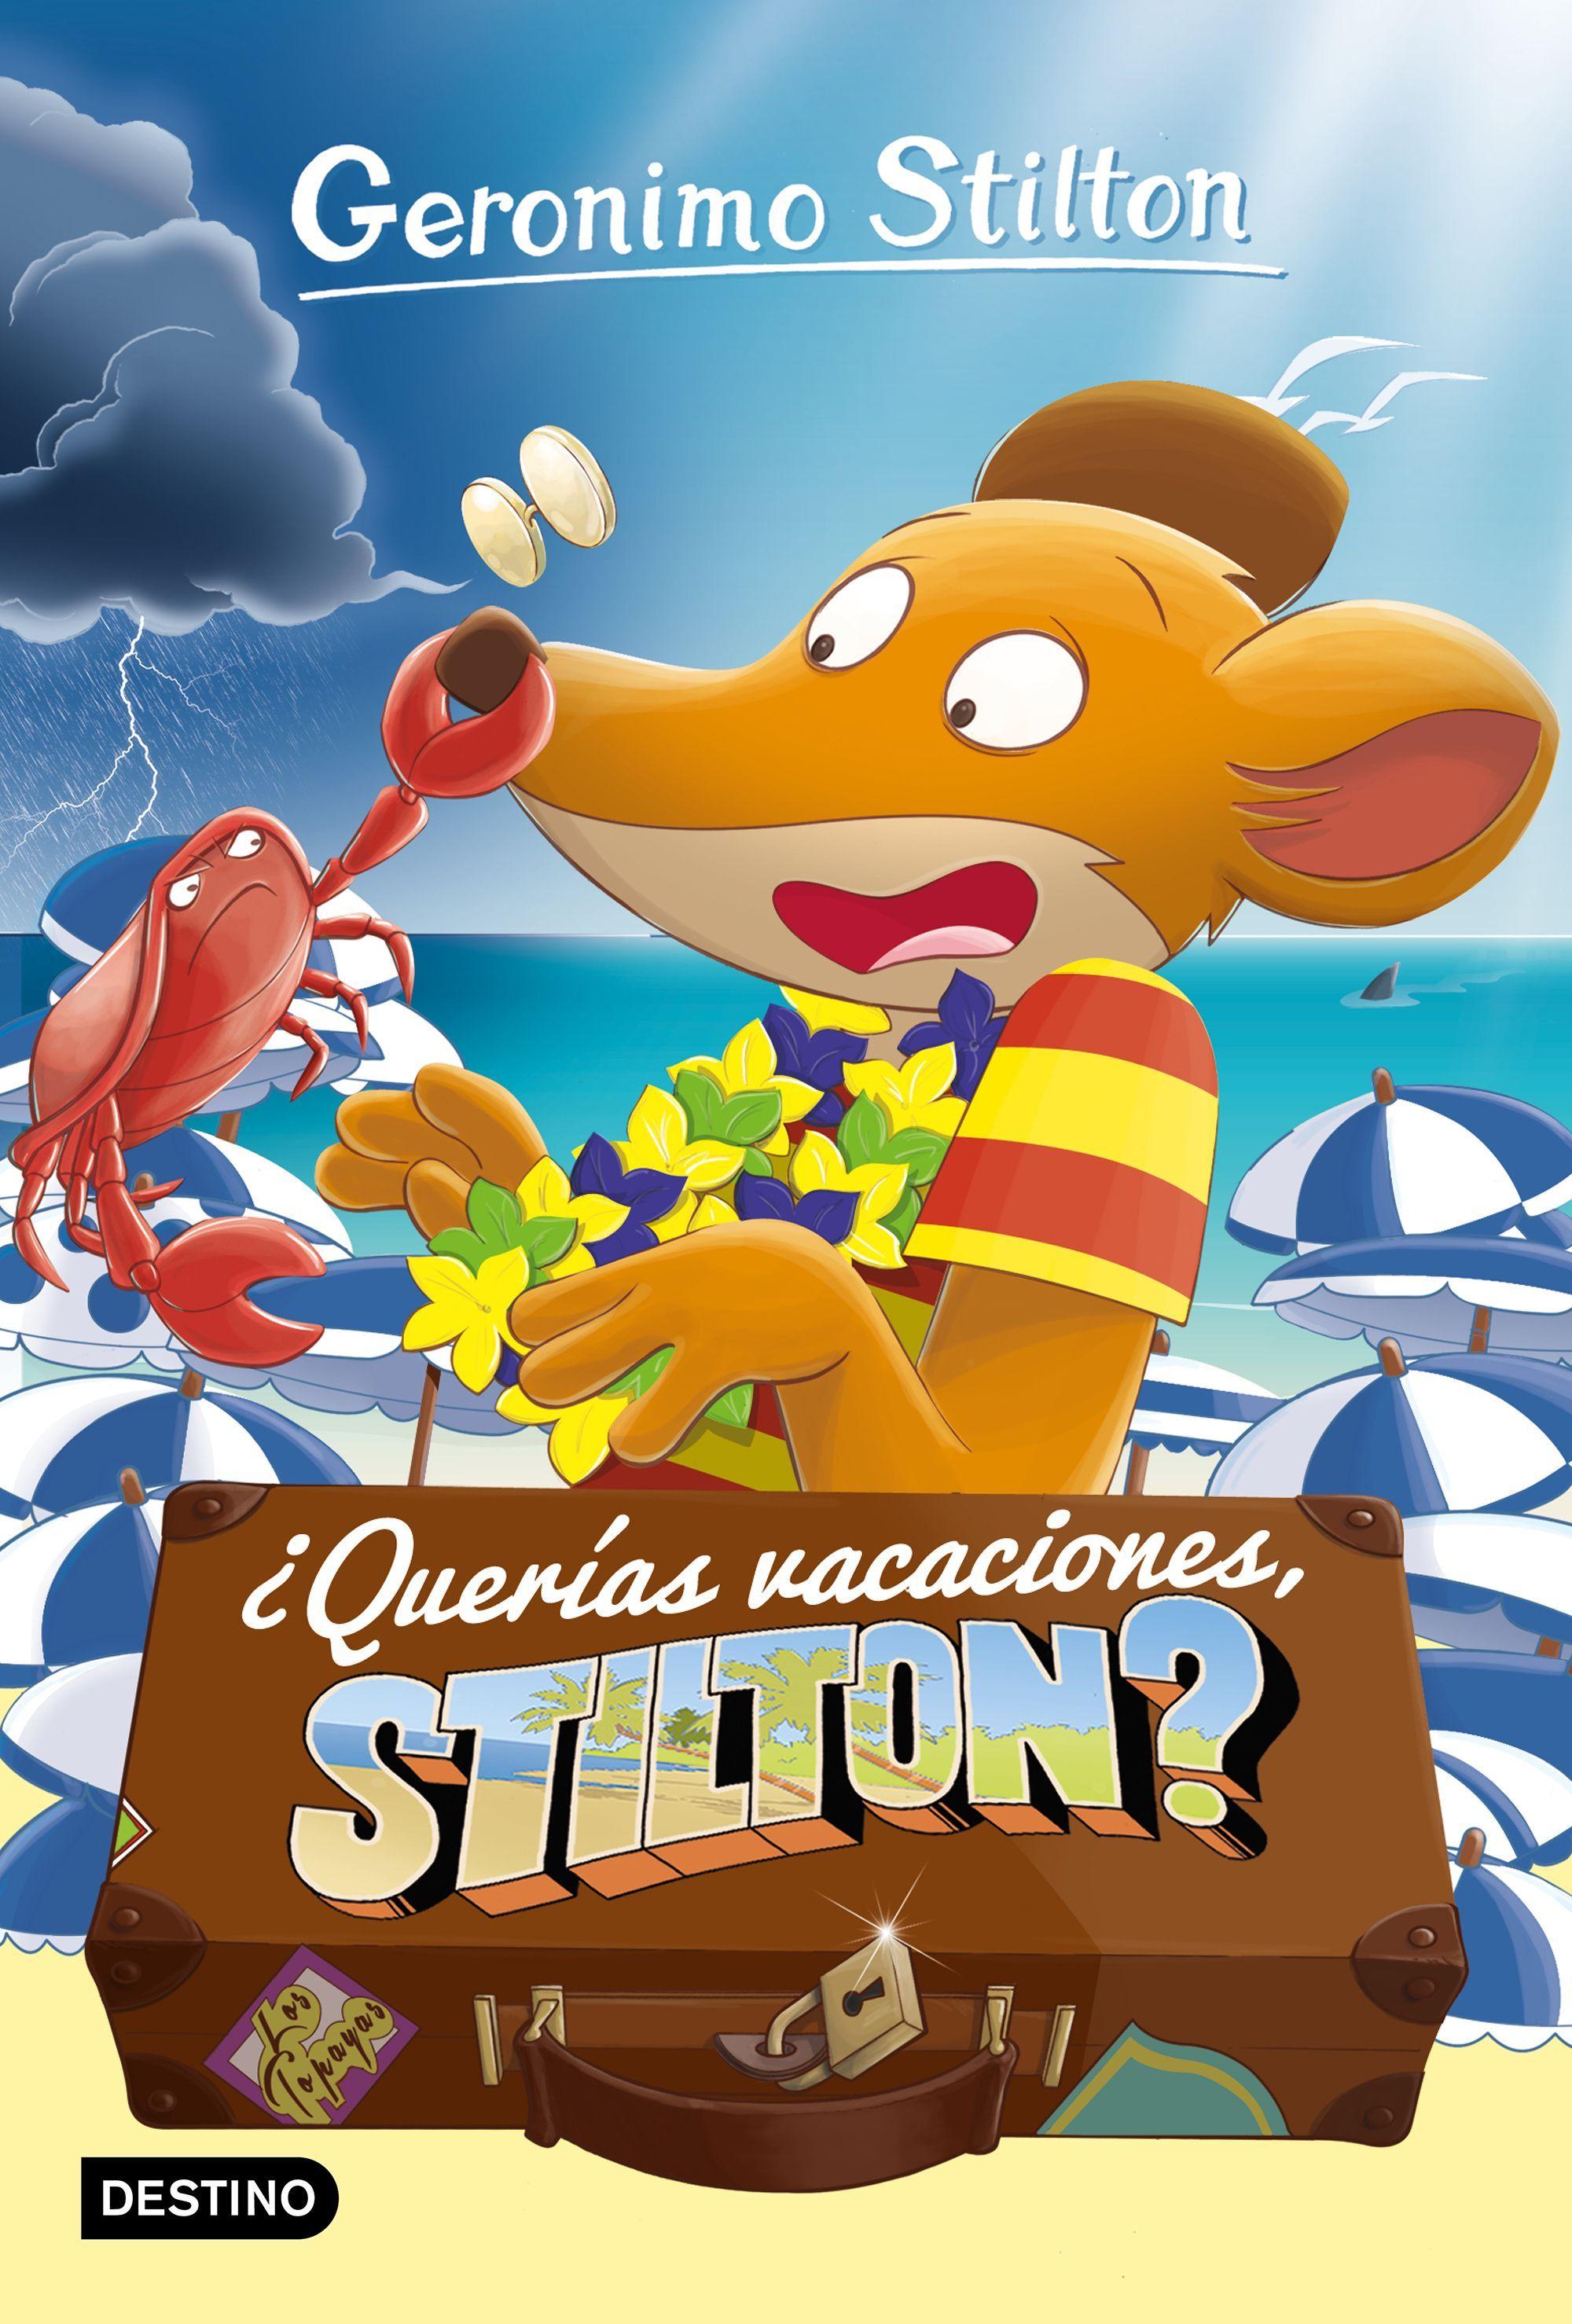 GERONIMO STILTON ¿QUERIAS VACACIONES STILTON?